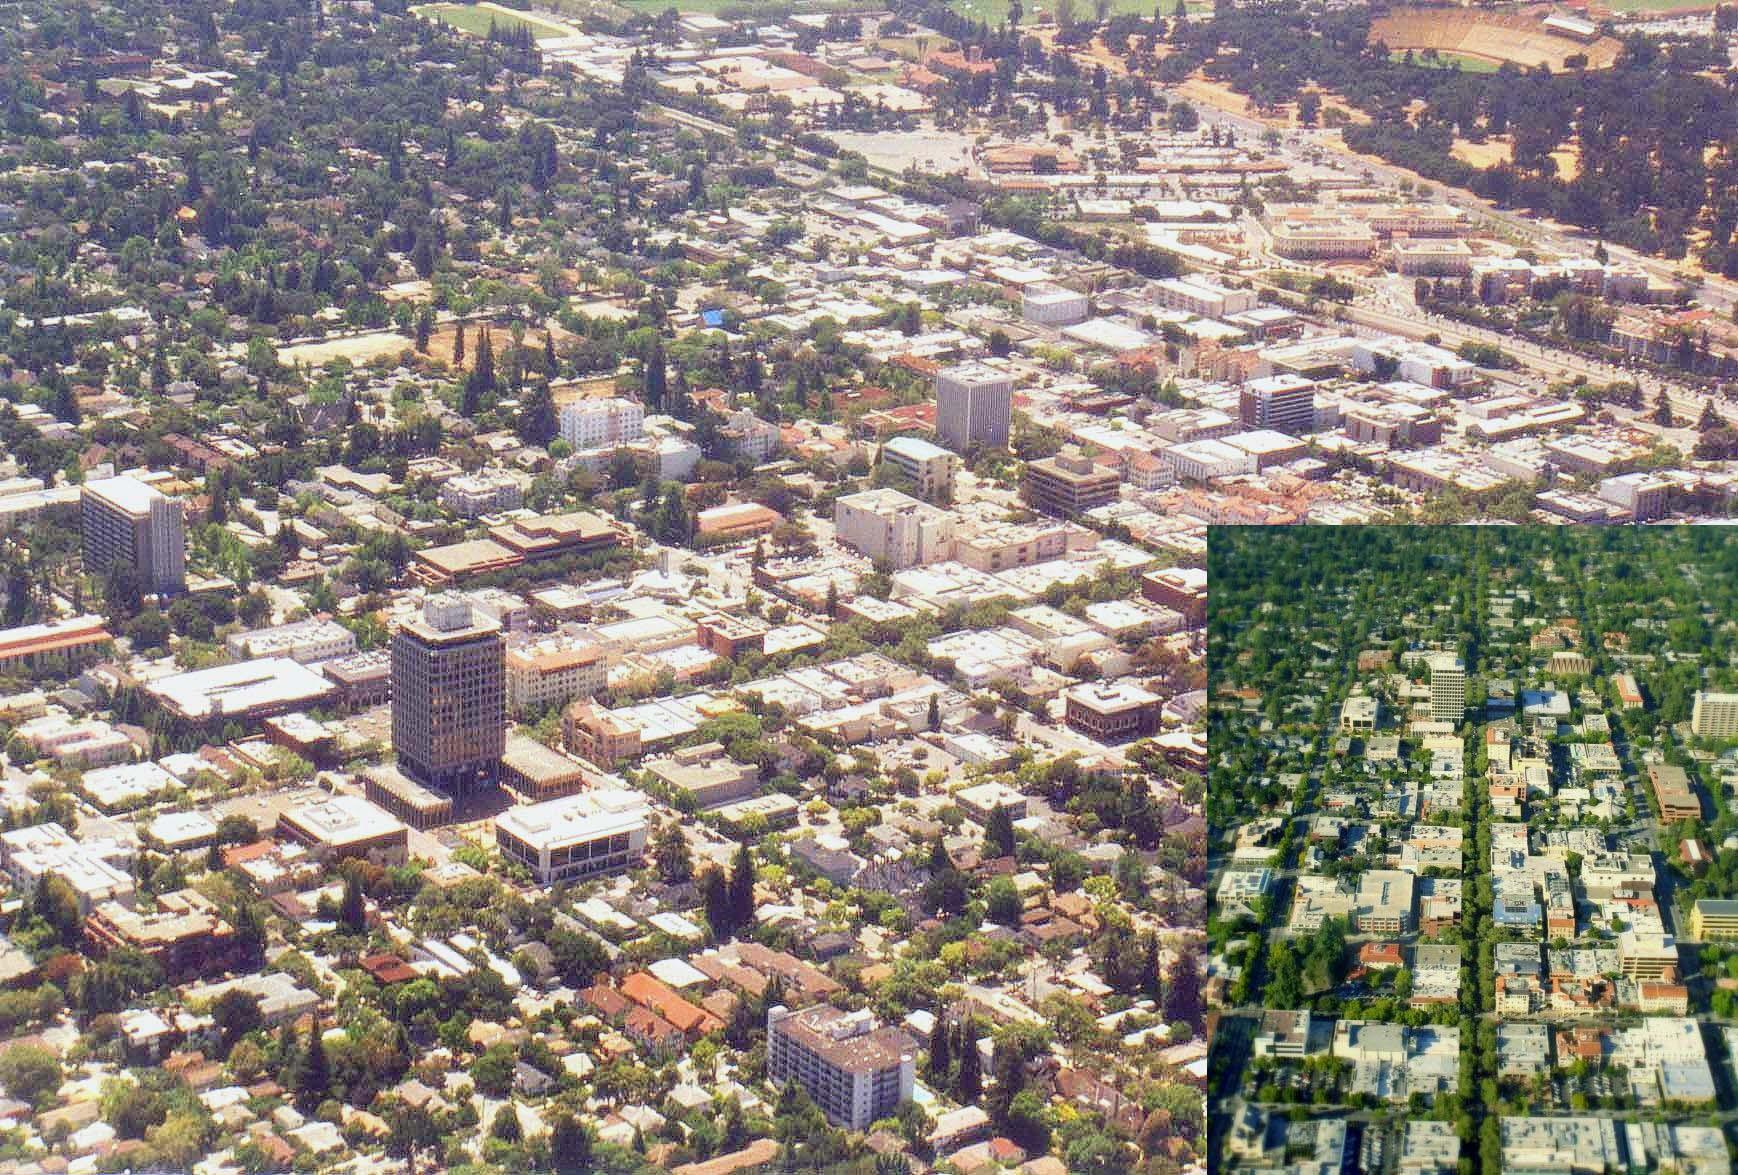 Palo Alto, California - Wikipedia - Palo Alto California Map